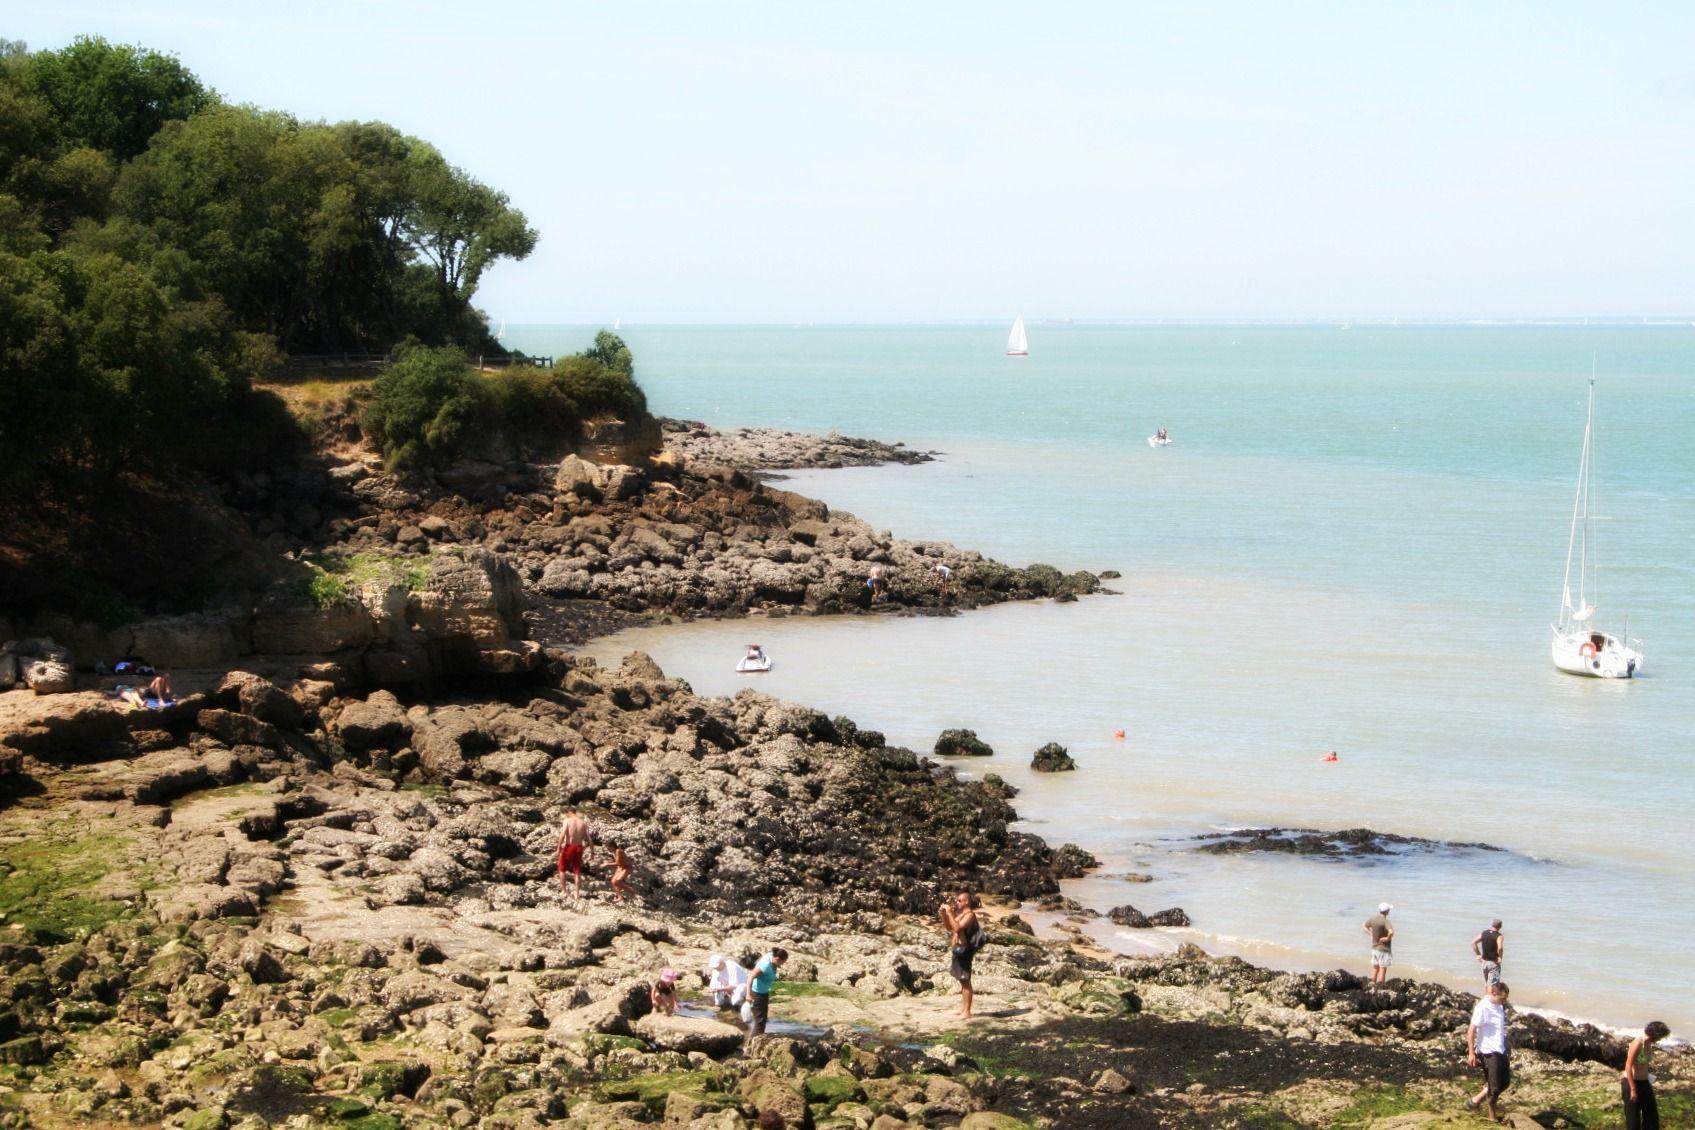 Les plus belles plages et carte des plages en Charente